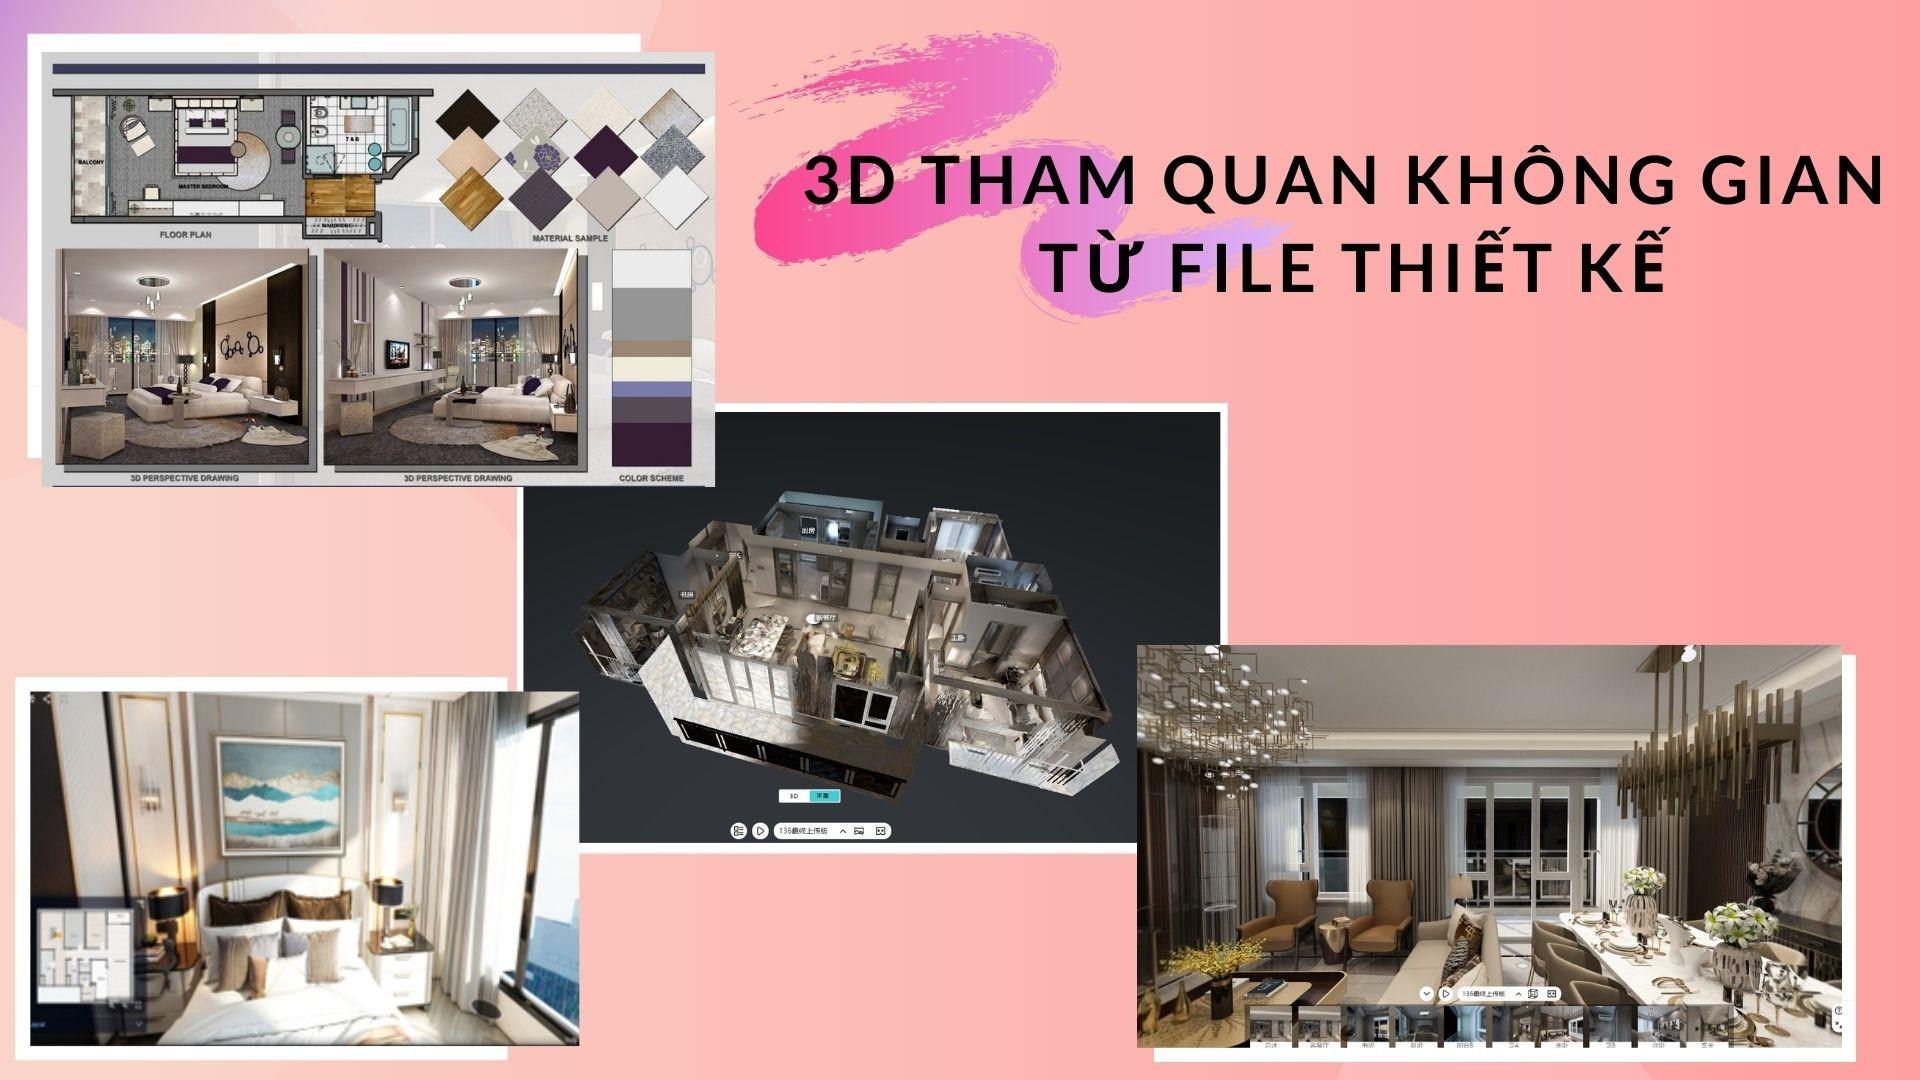 3D Tham quan không gian từ File thiết kế